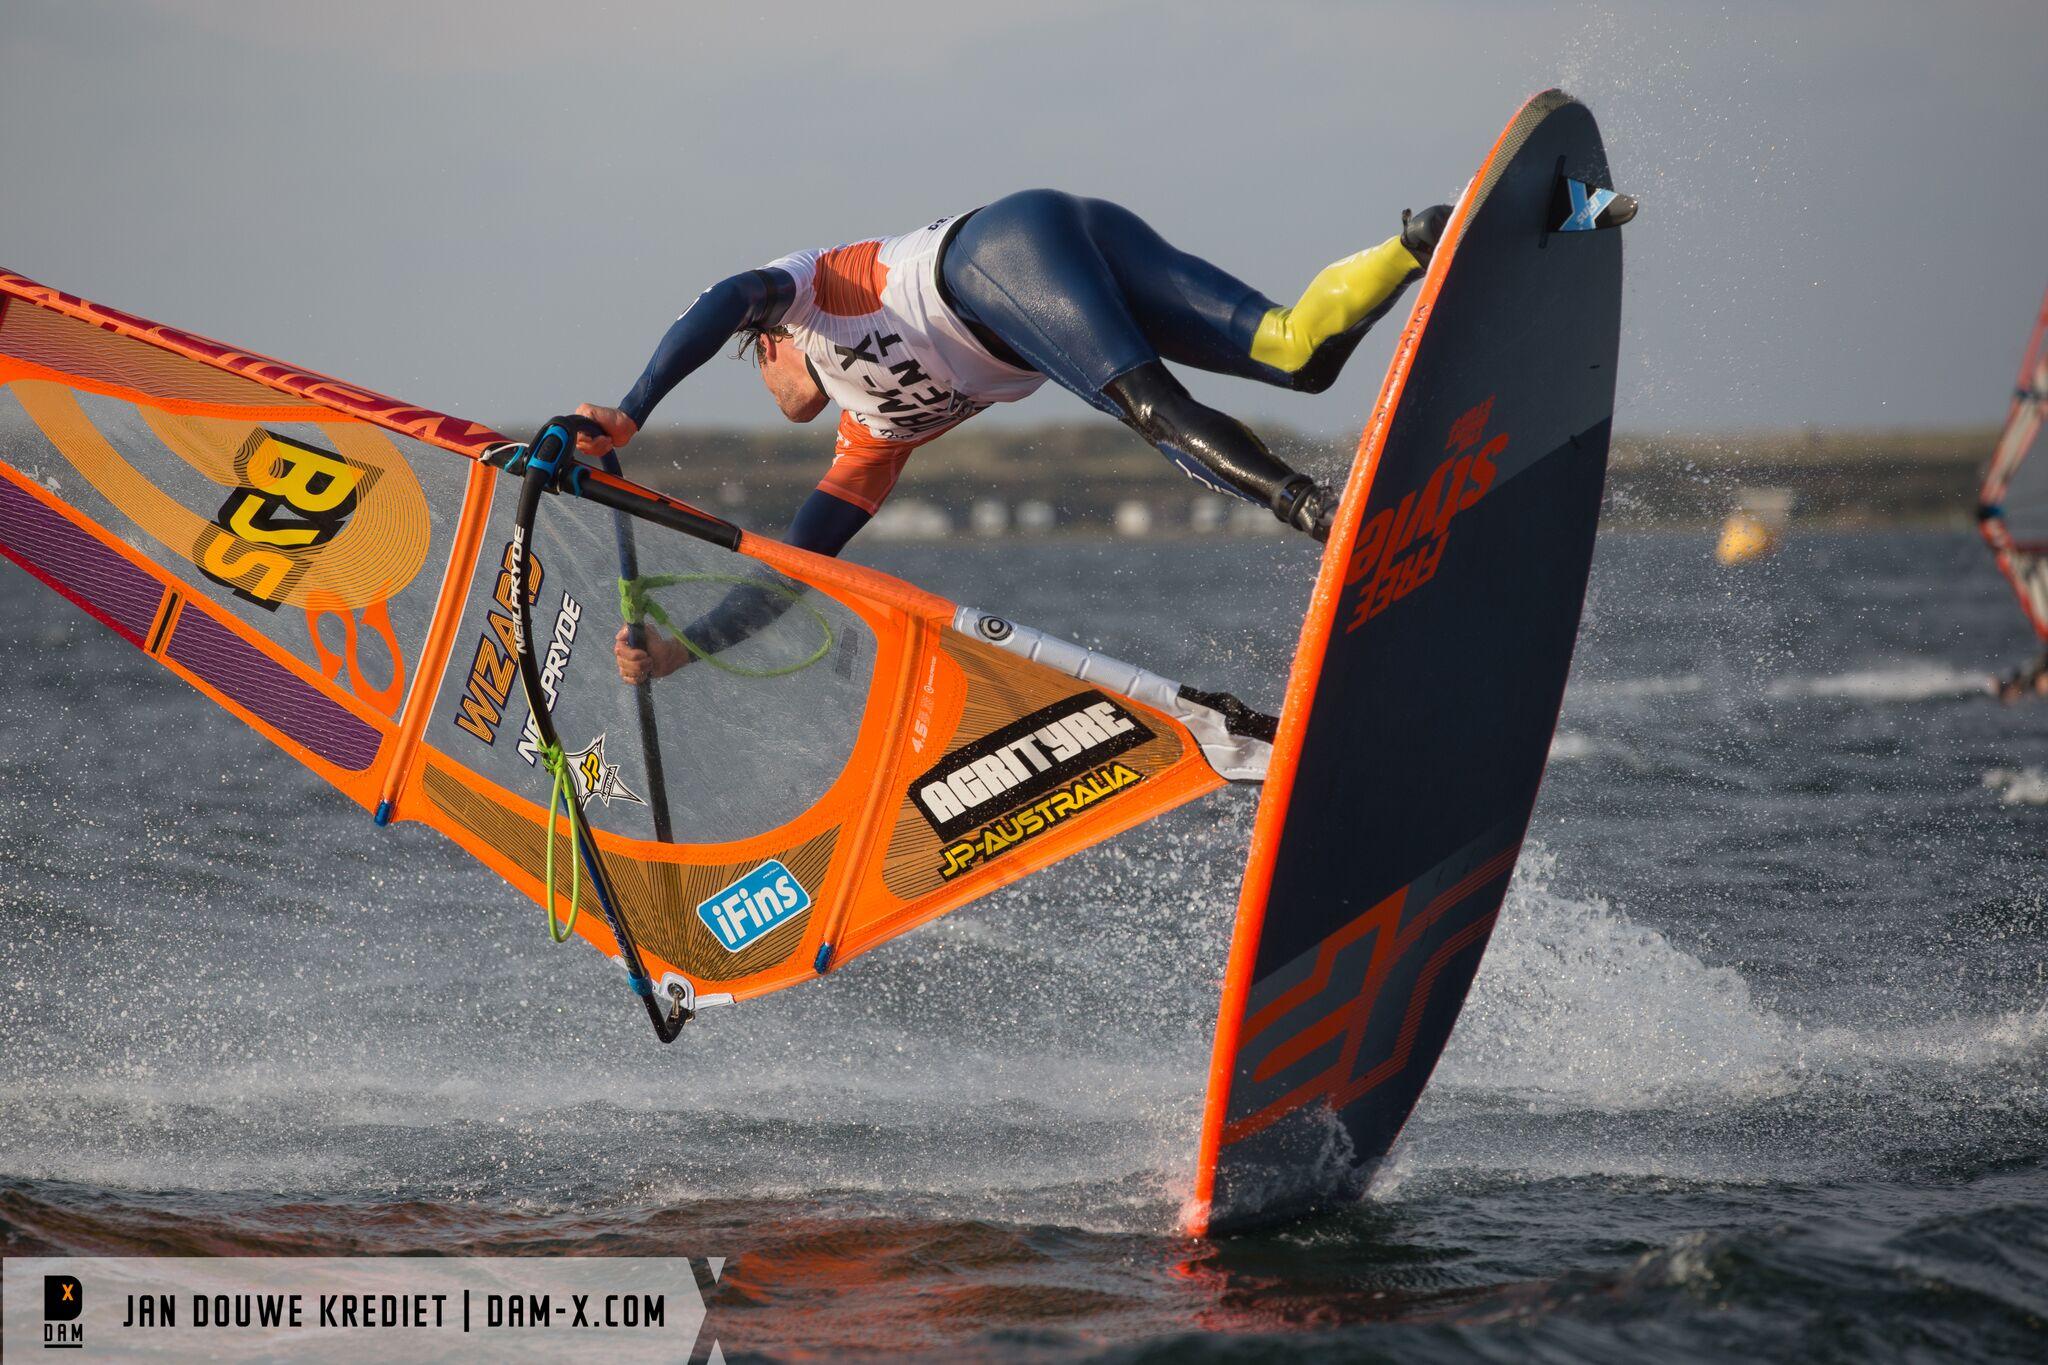 Steven van Broeckhoven